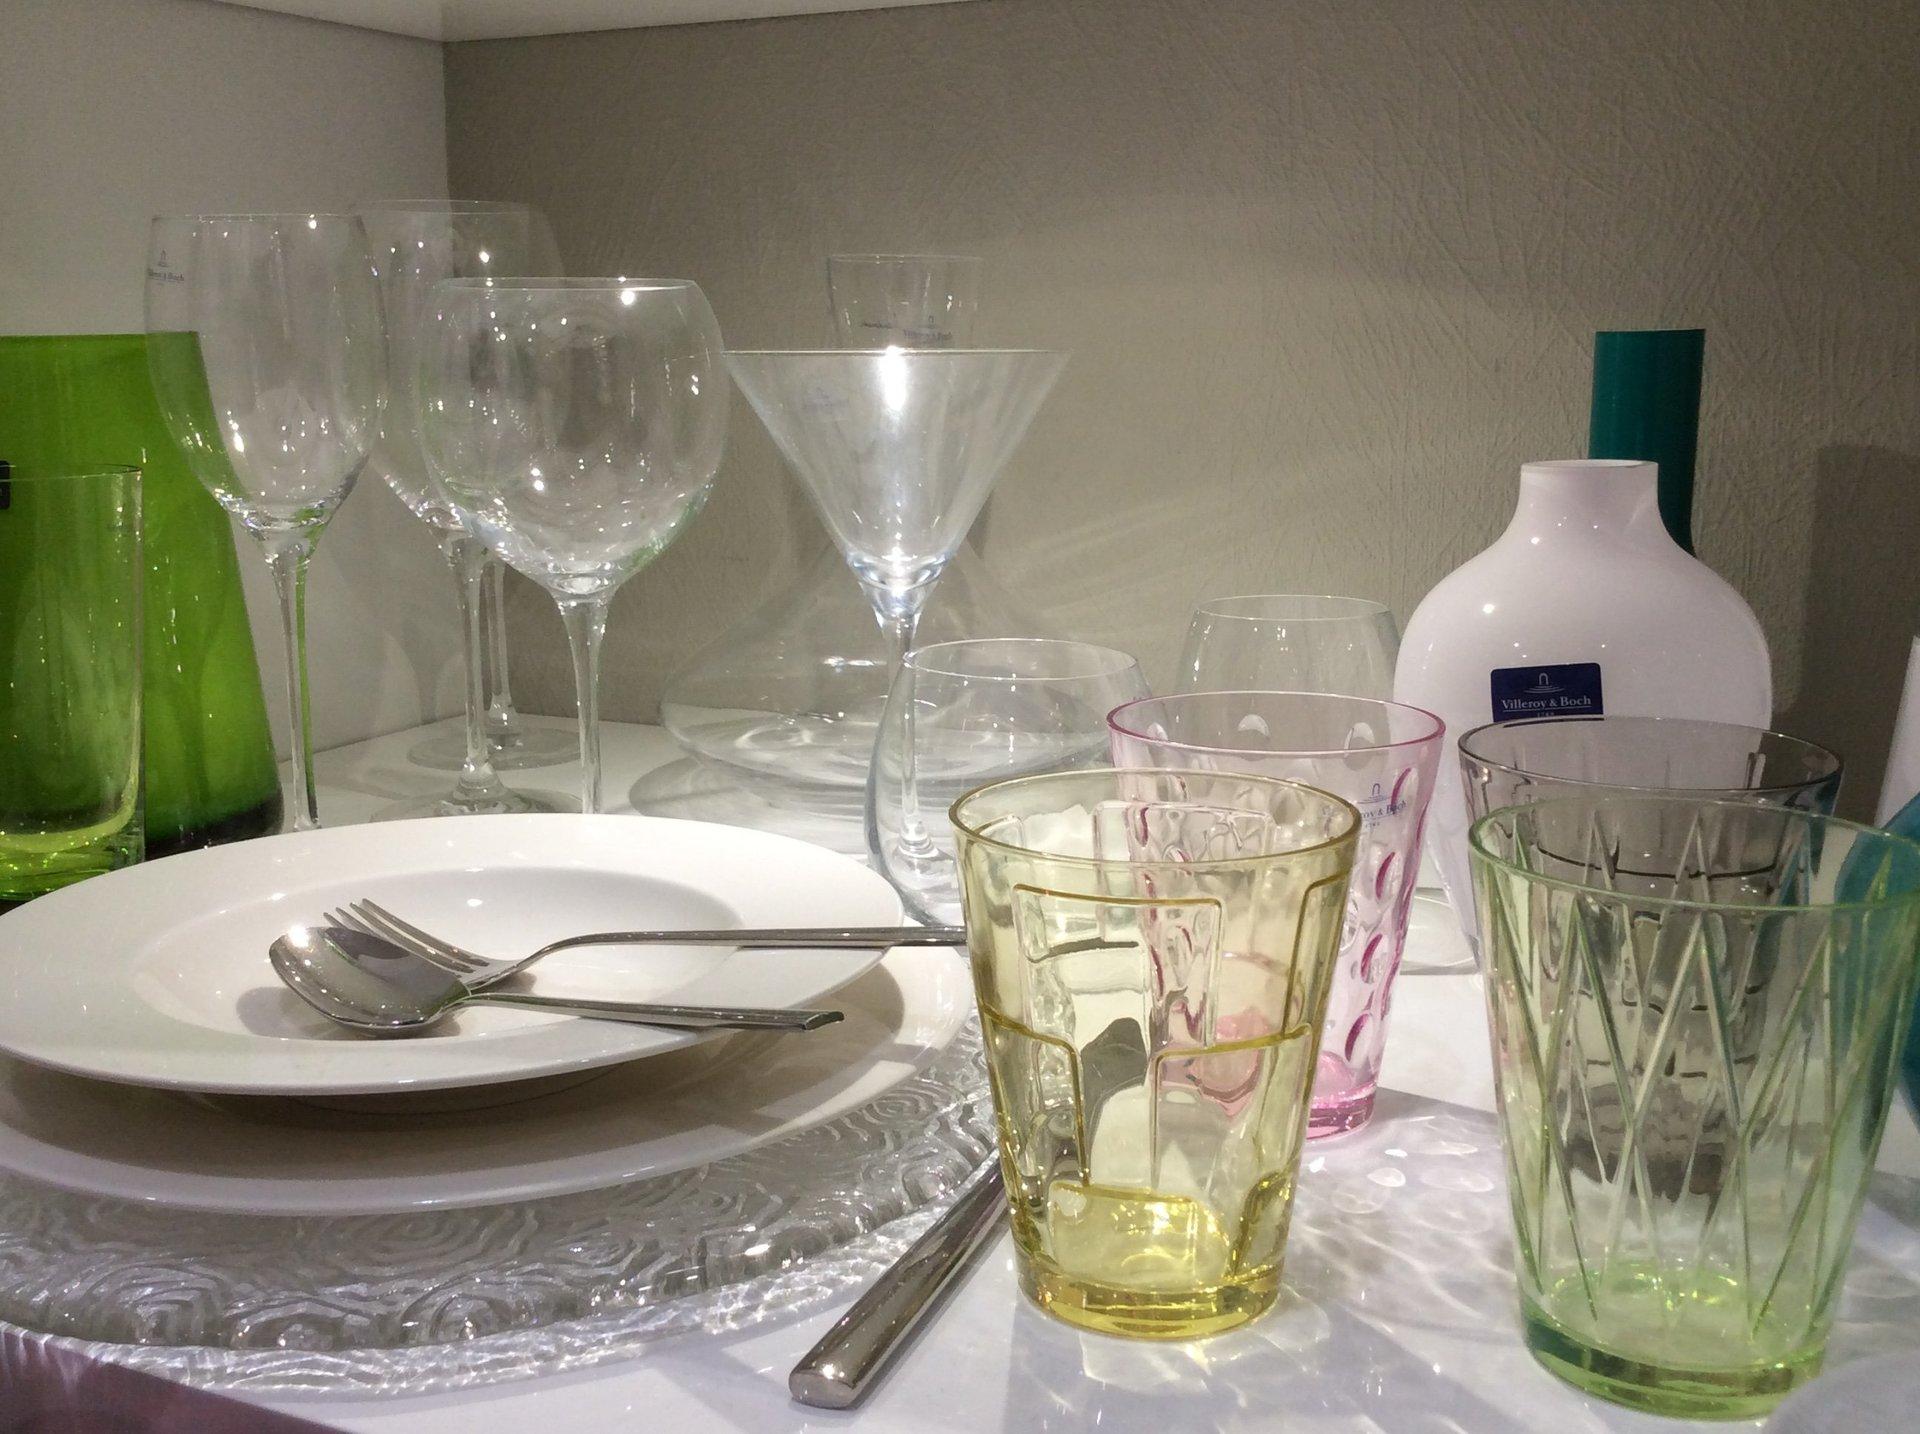 collezione di piatti in porcellana, posate in argento e bicchieri in vetro